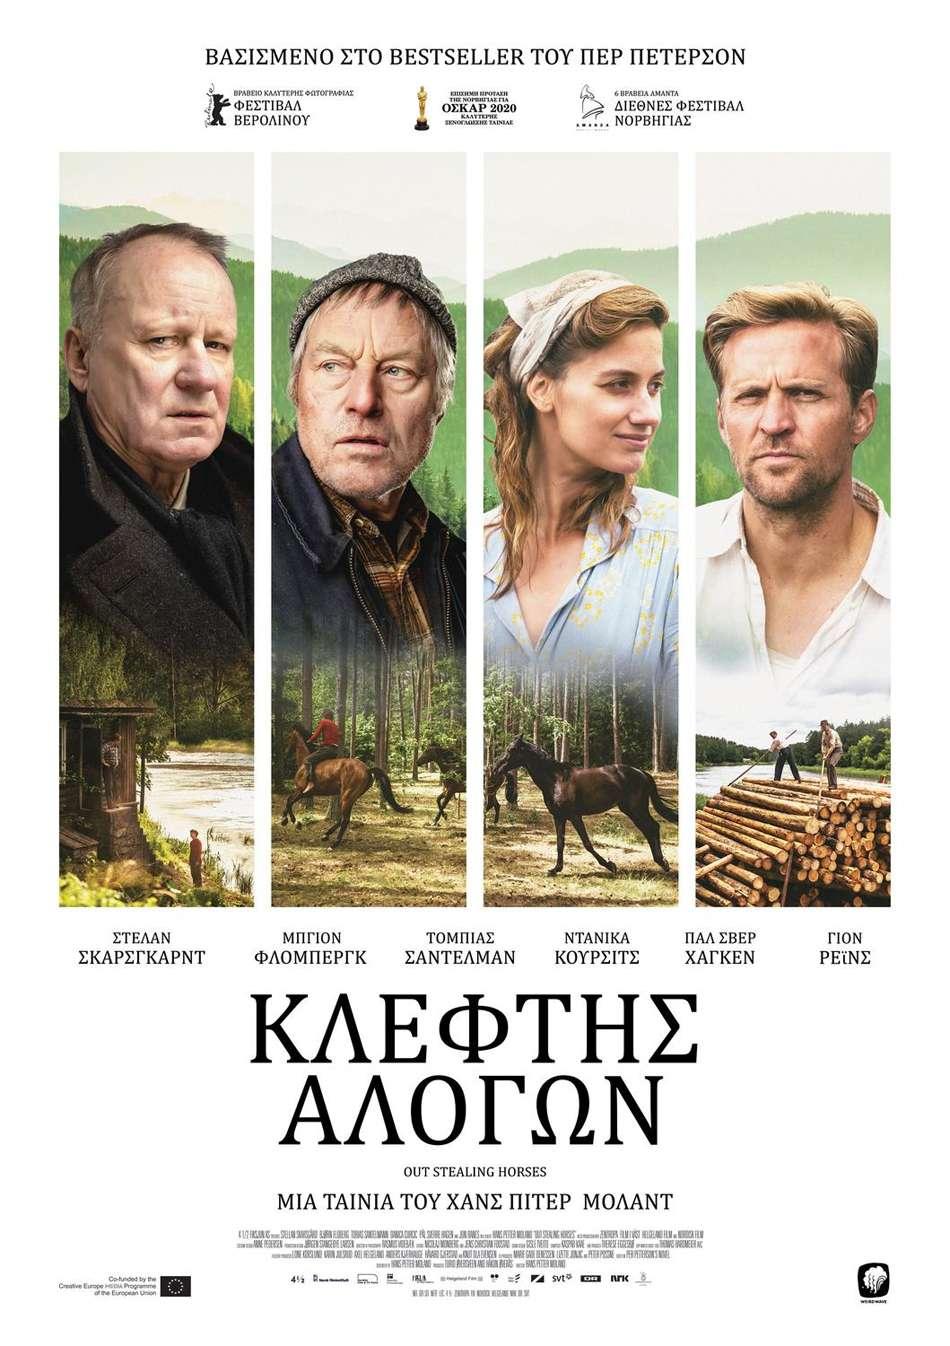 Κλέφτης αλόγων (Ut og stjæle hester / Out Stealing Horses) Poster Πόστερ